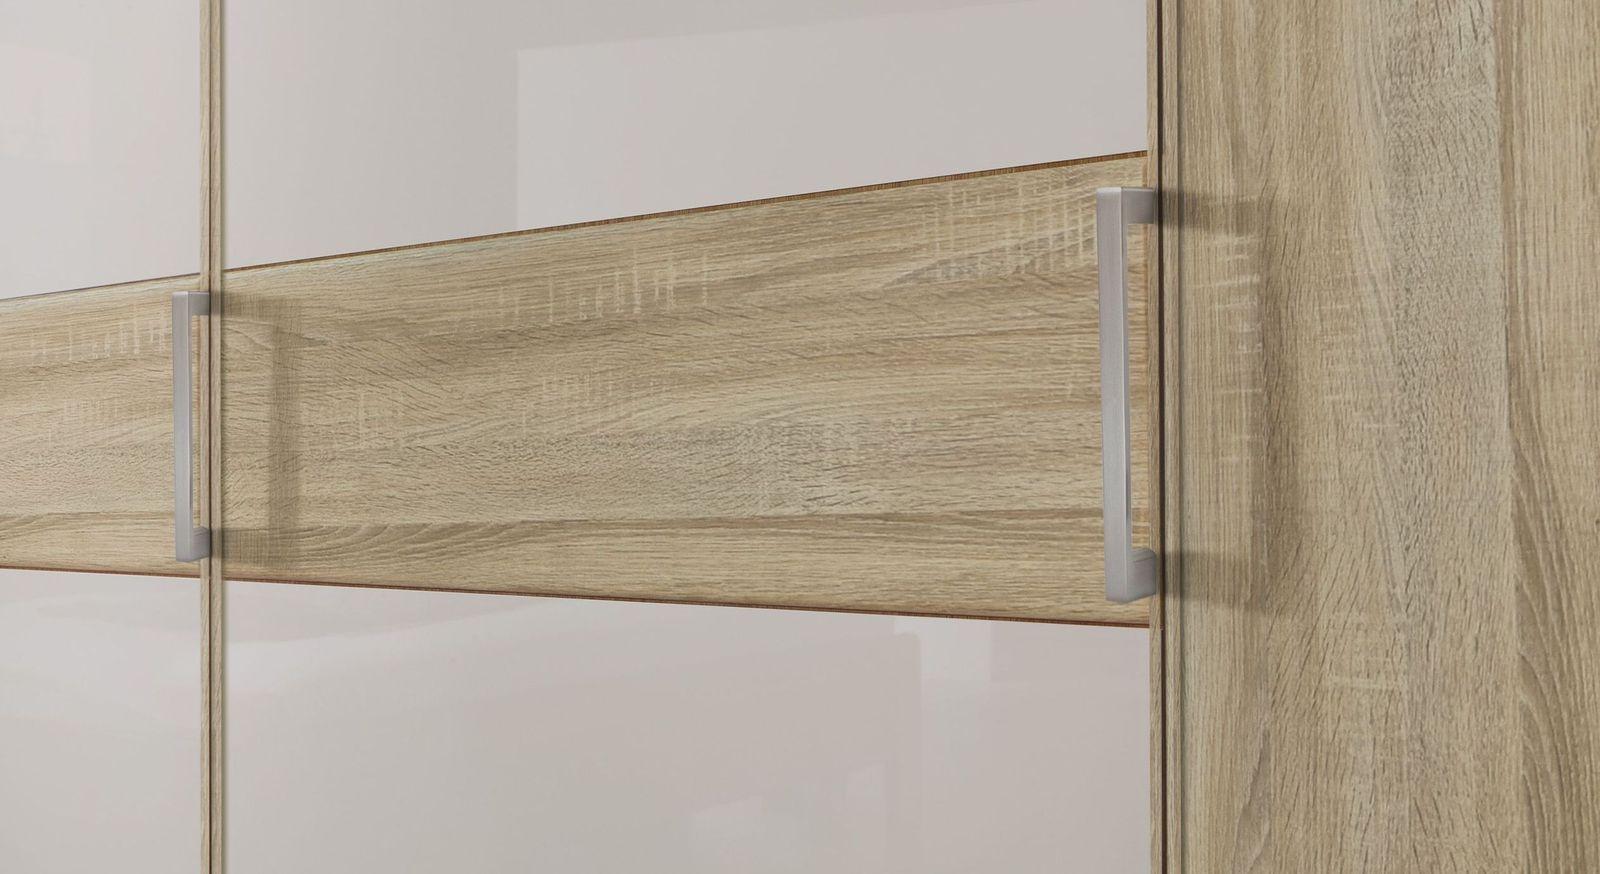 Drehtüren-Kleiderschrank Pelham mit schicken Metallgriffen